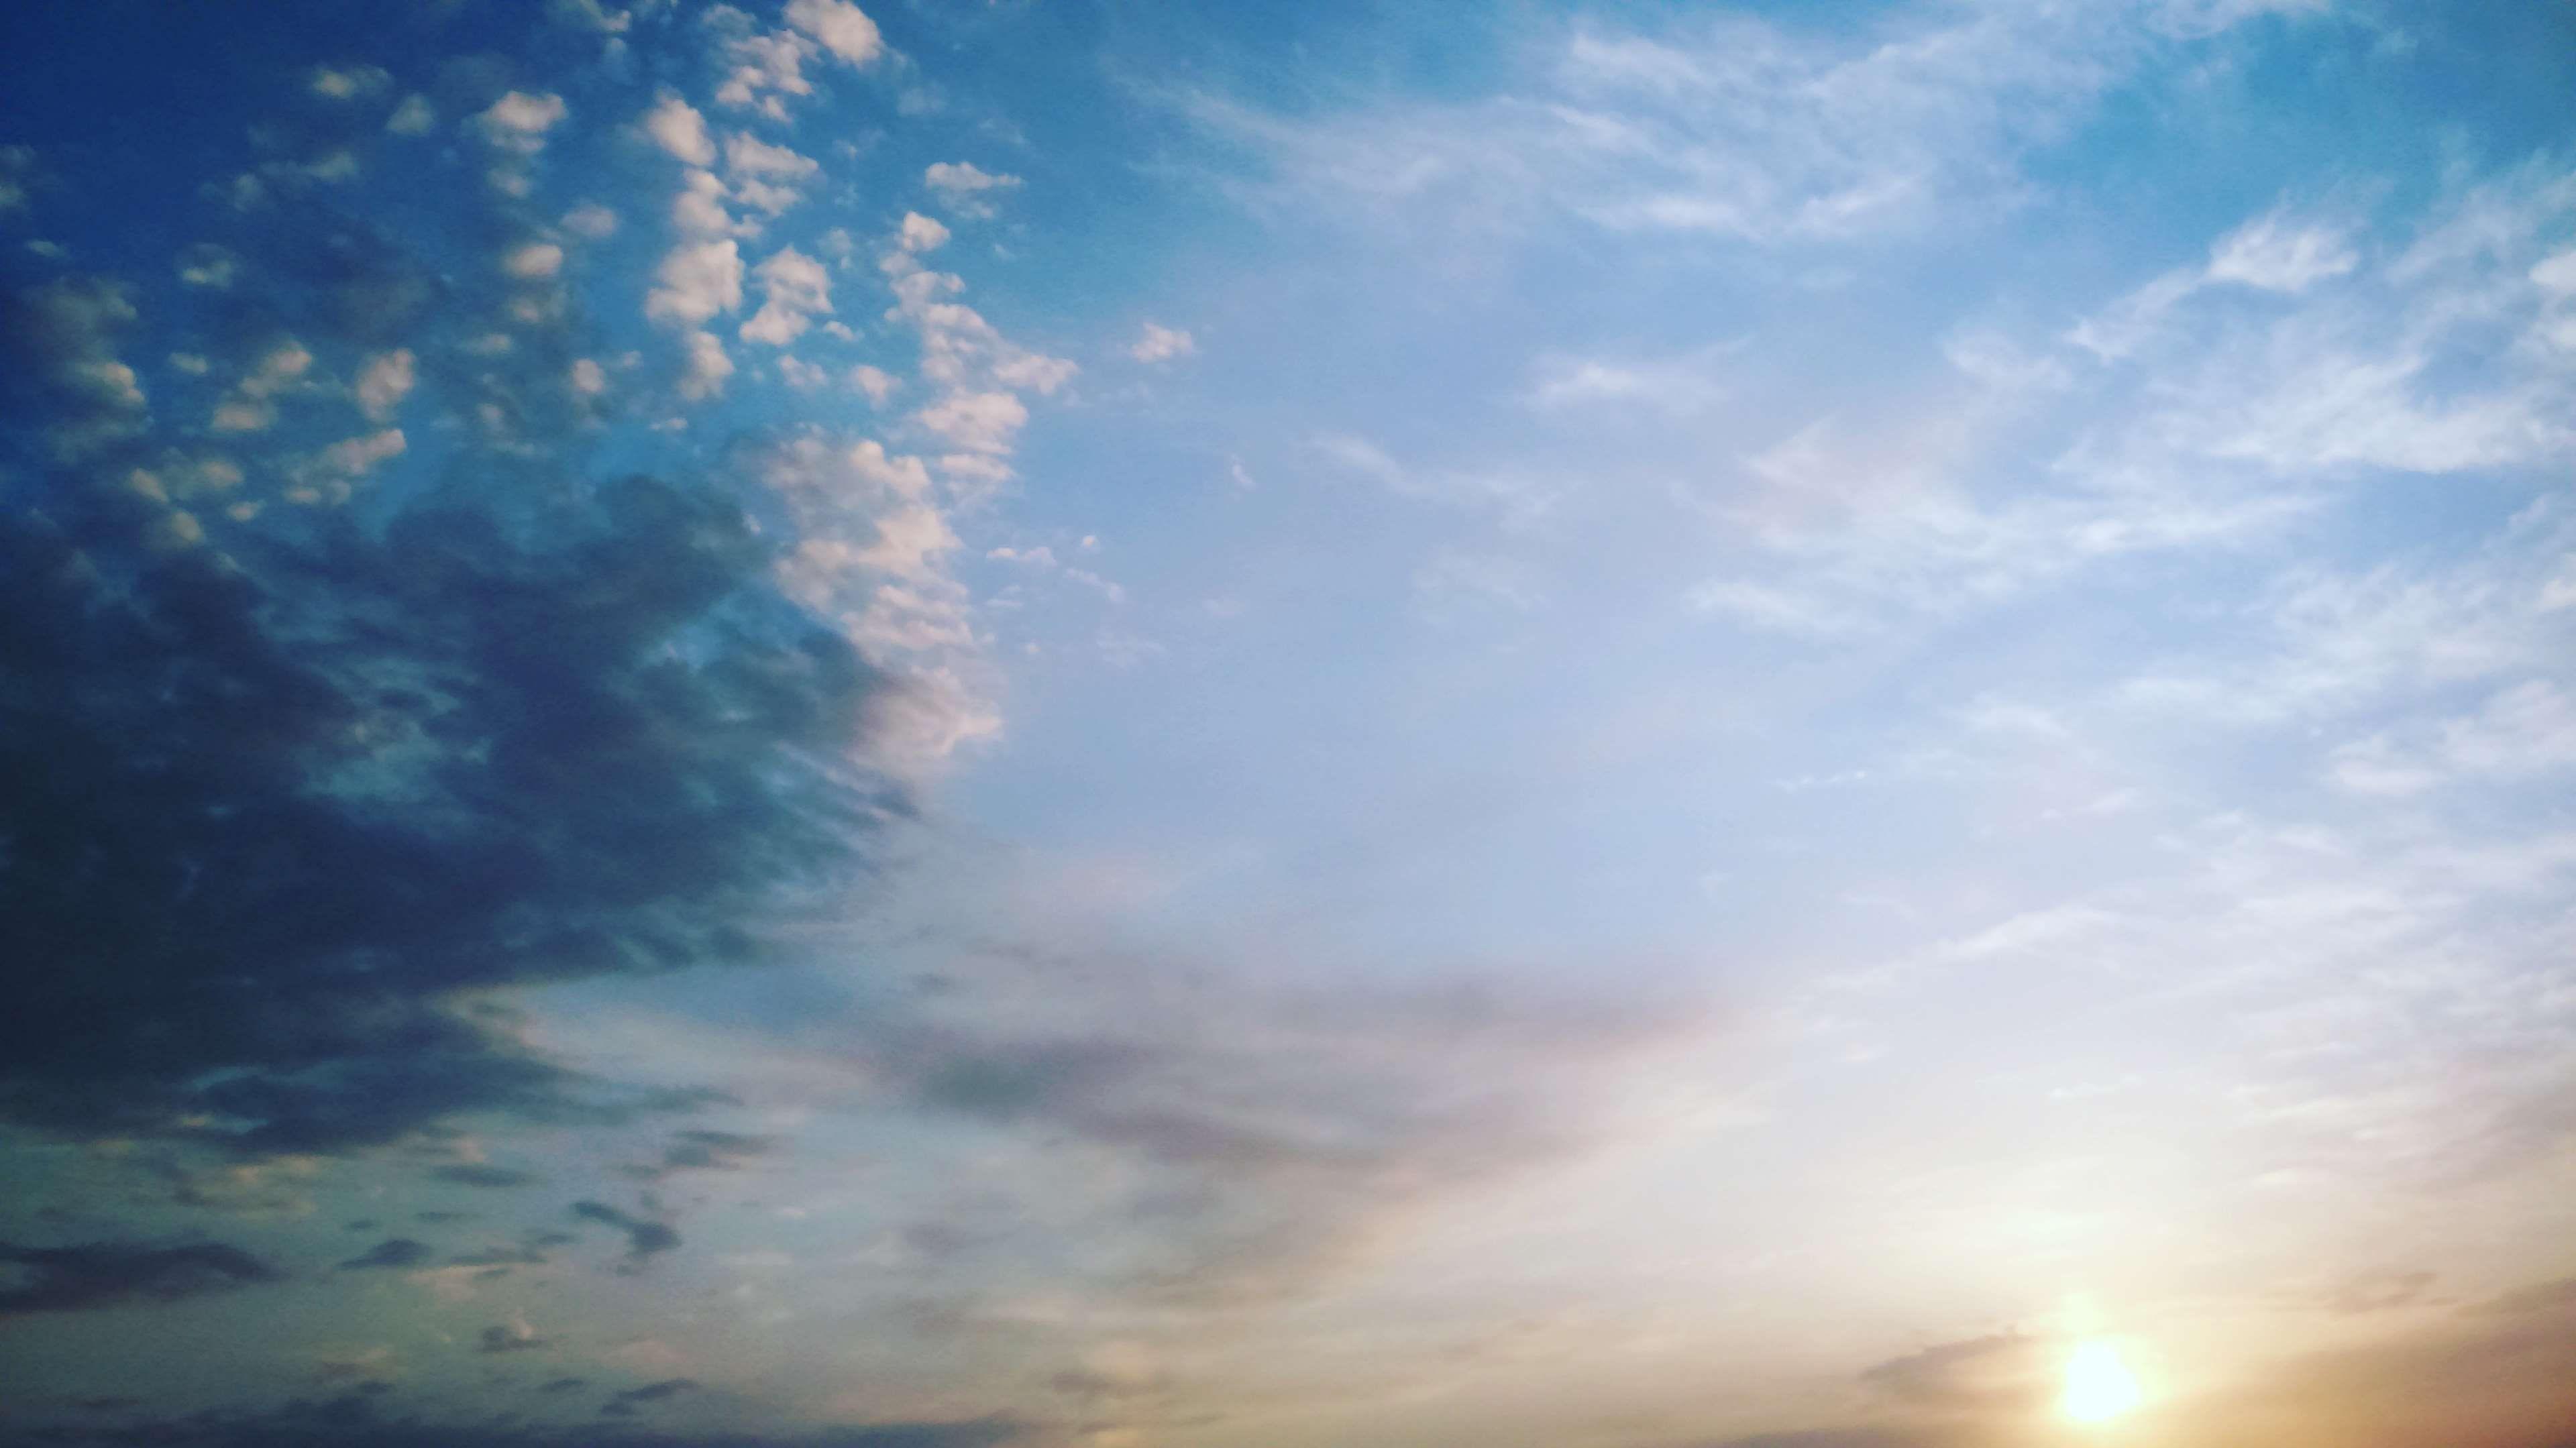 Res: 3840x2159, Atmosphere Et Bois Blue Sky Clouds Desktop Backgrounds Hd Wallpaper Sky Sun